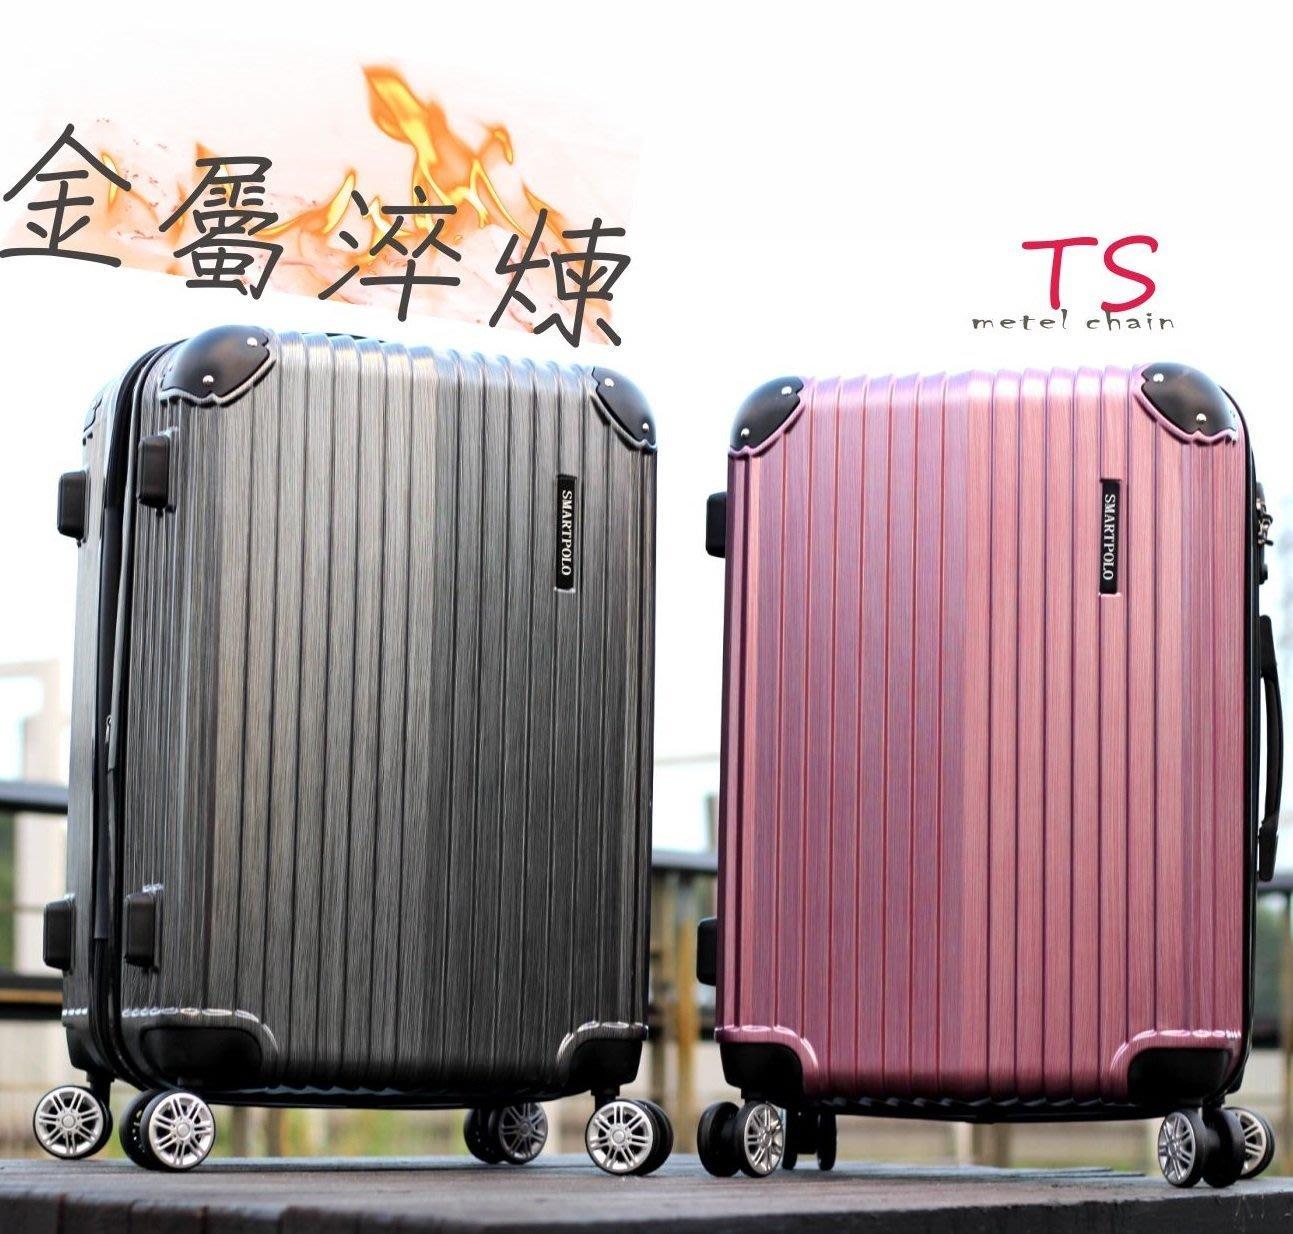 行李箱【TS】28+24+20吋PC+ABS 加大功能 TSA海關鎖 金屬紋 跑車輪 防爆拉鍊 耐衝擊抗刮痕 運鈔車系列